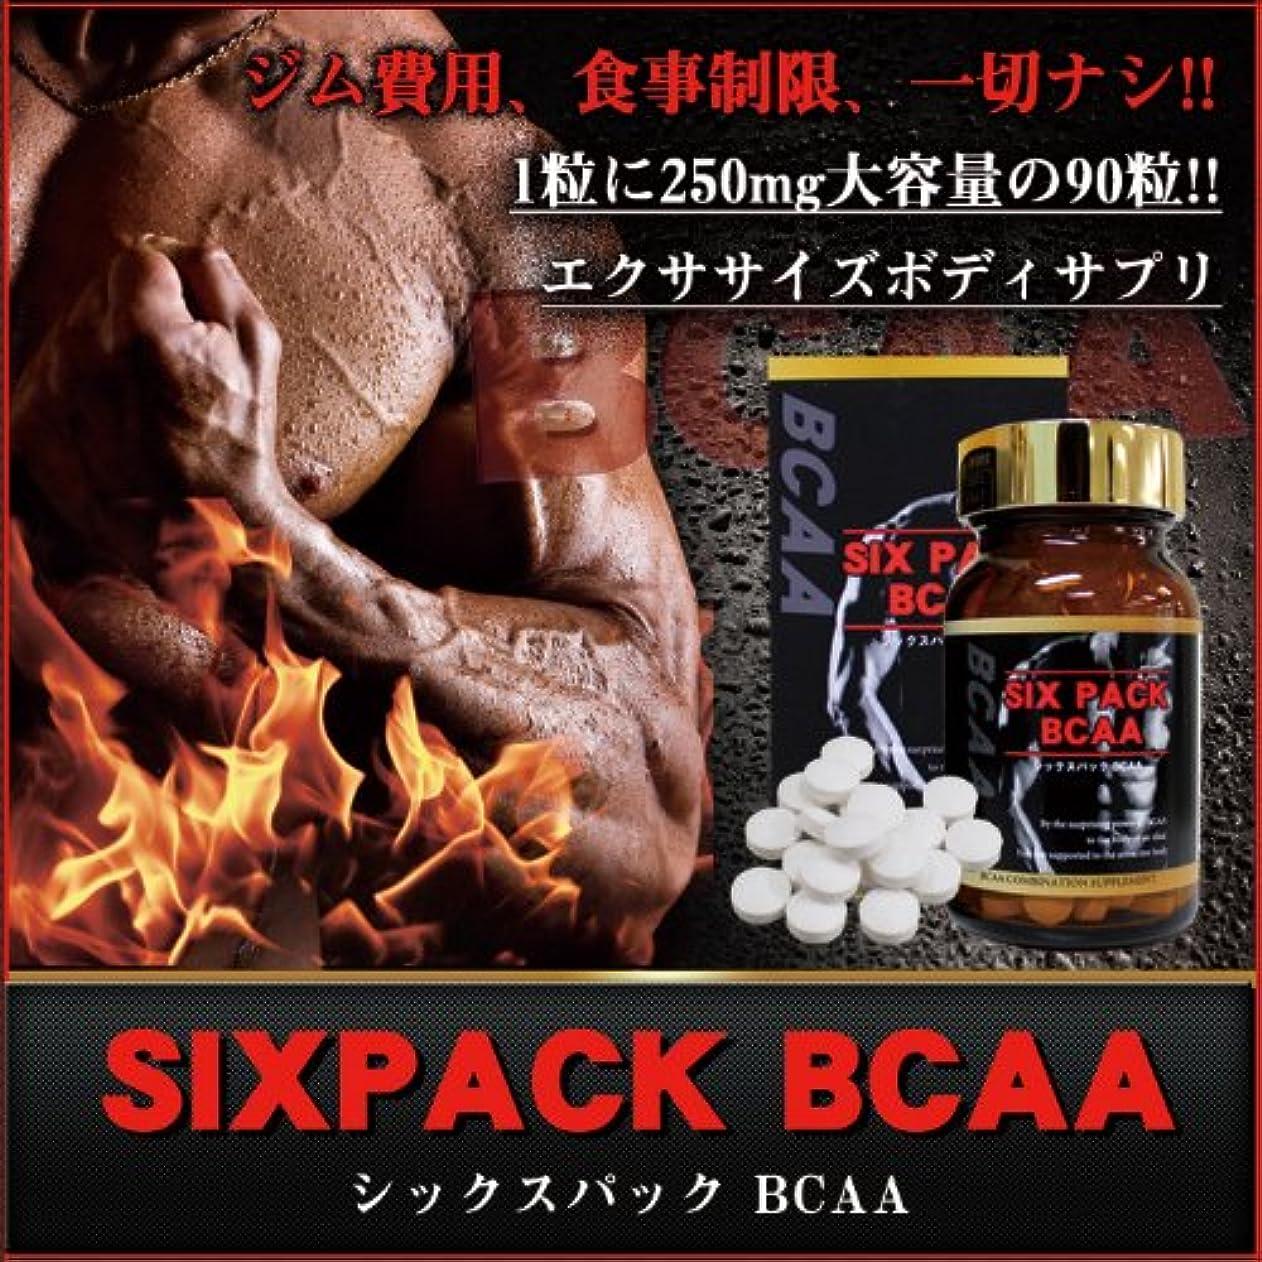 リングバック生ミュウミュウシックスパックBCAA (バリン+ロイシン+イソロイシン配合エクササイズボディサプリ)